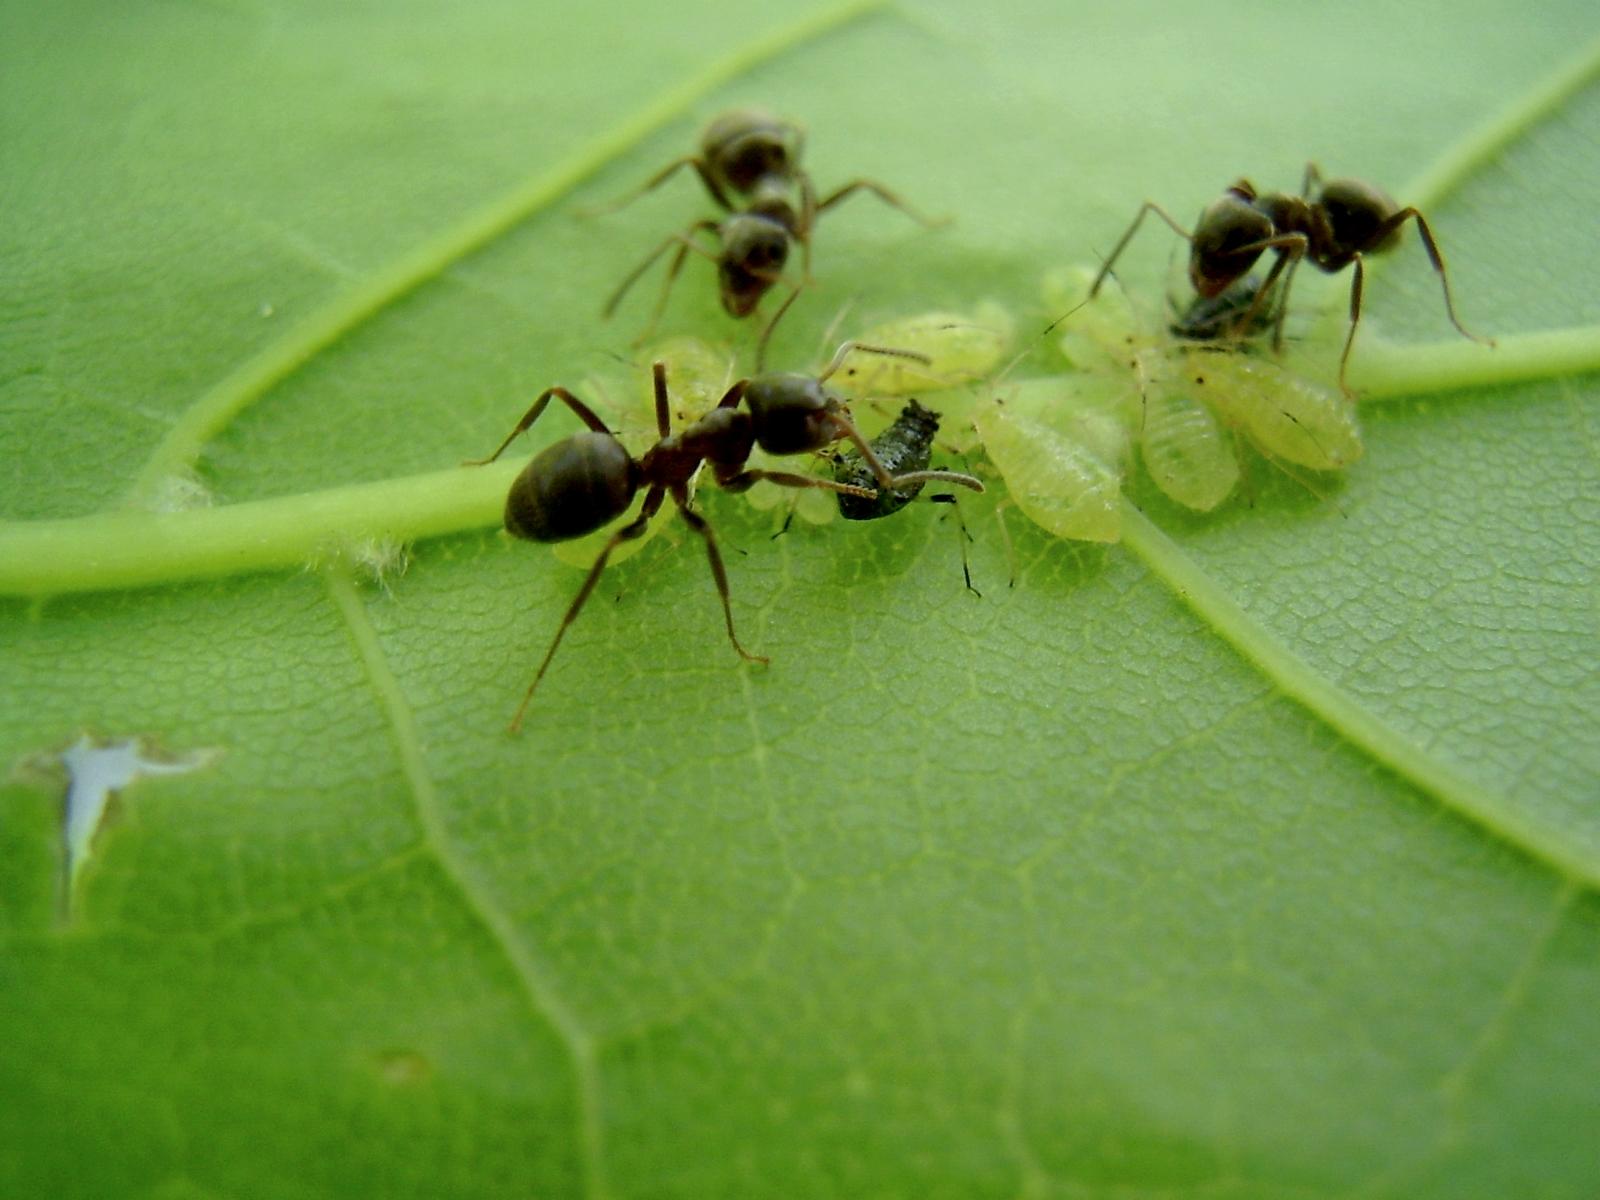 насекомые на здоровье